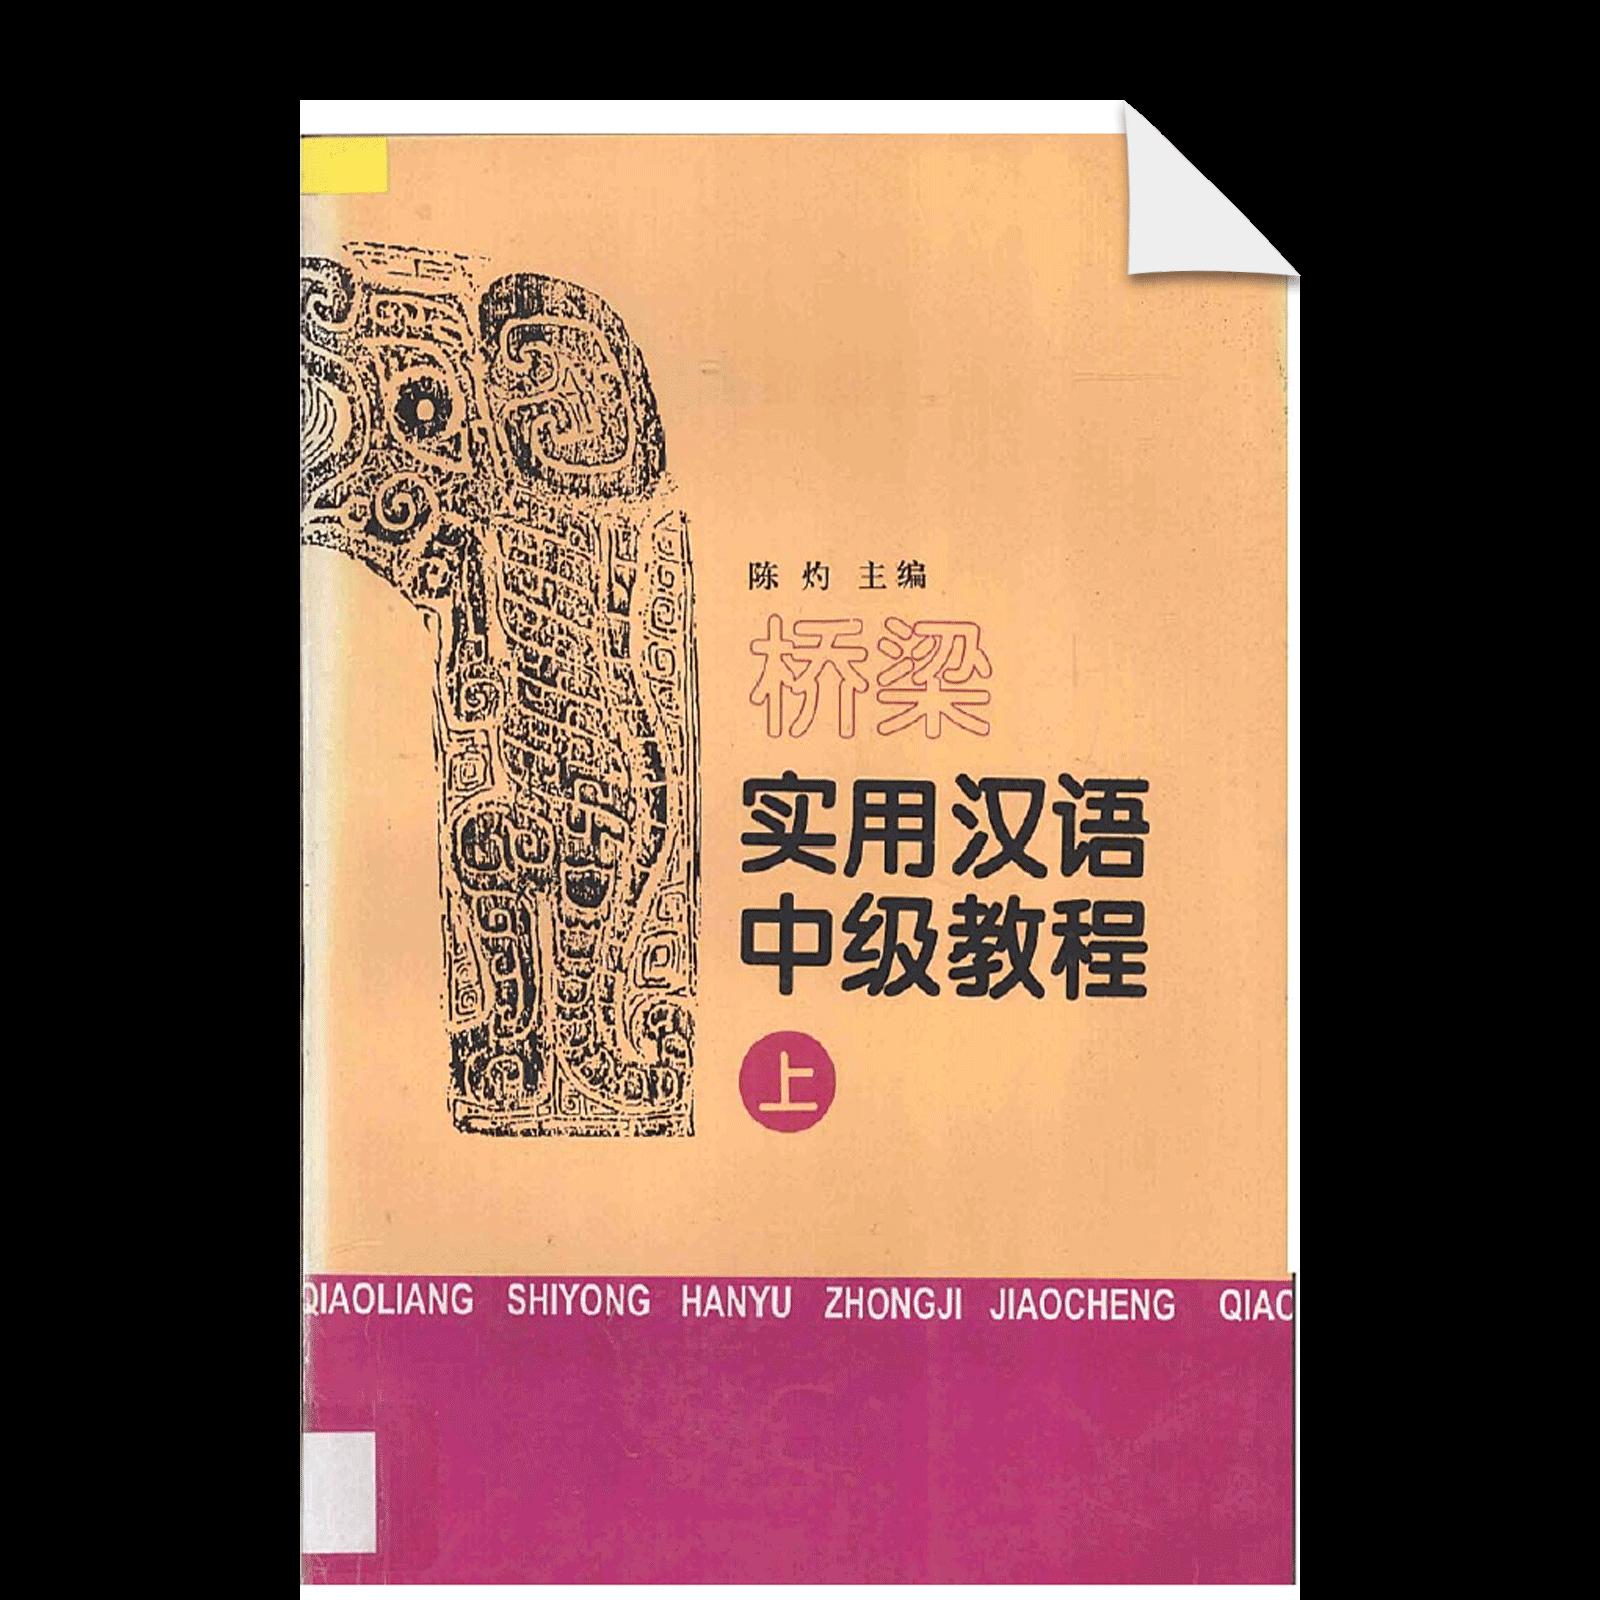 Qiaoliang Shiyong Hanyu Zhongji Jiaocheng 1